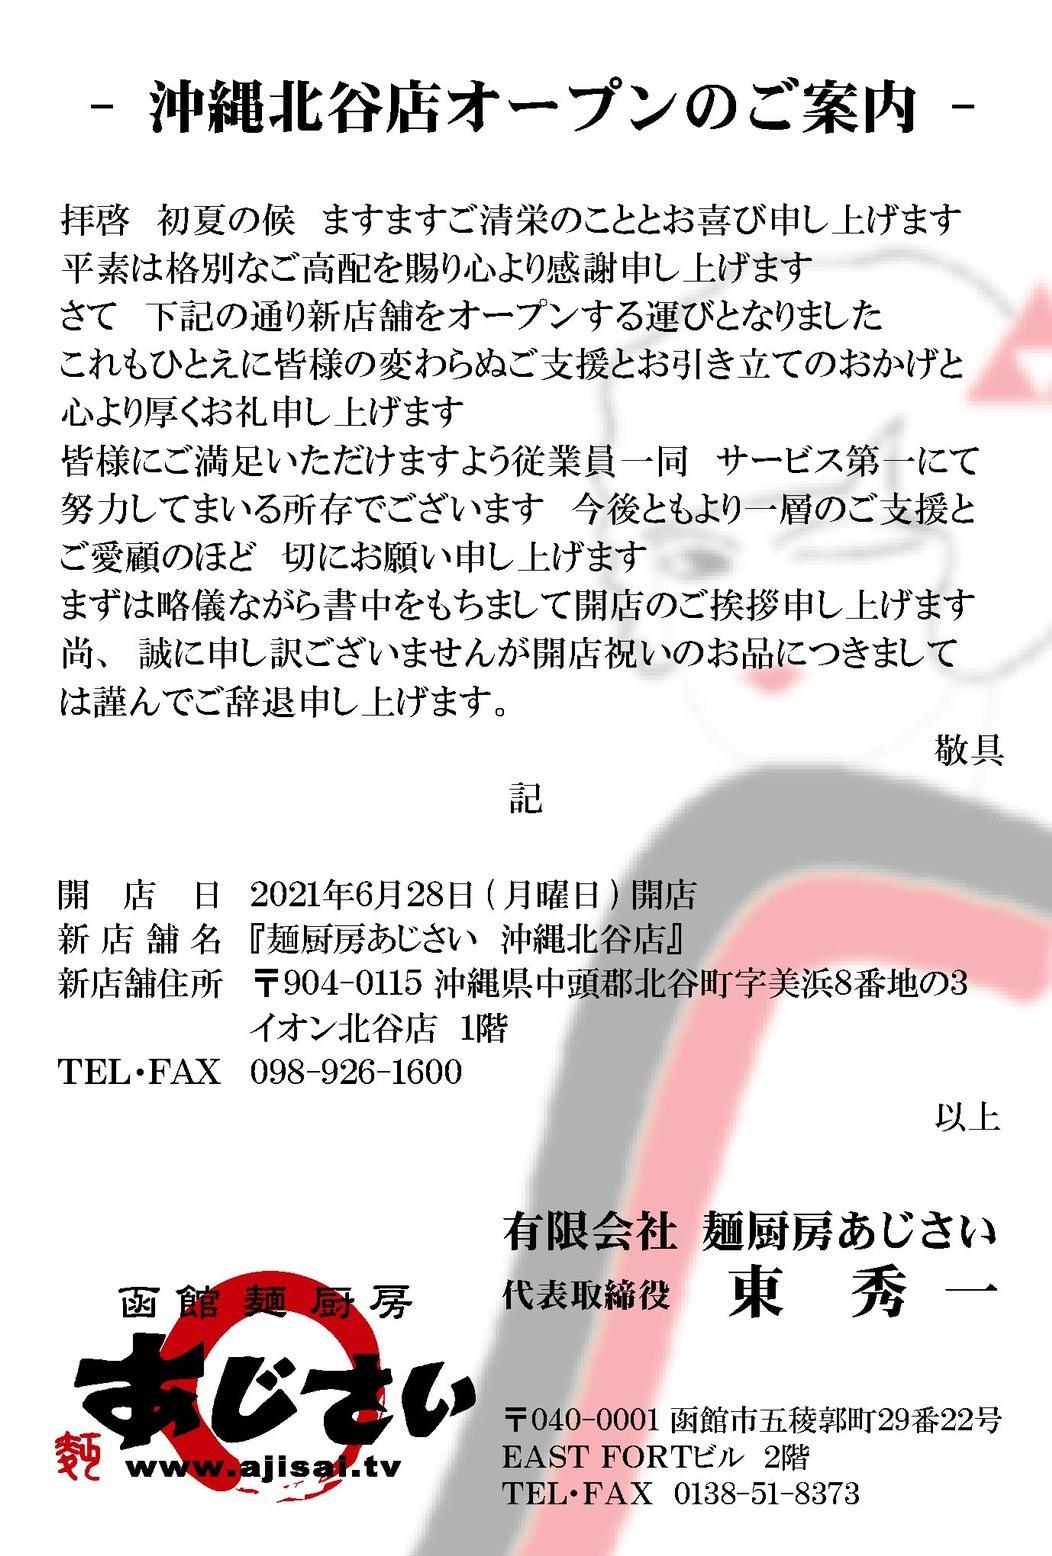 沖縄あじさいがオープンします!_f0186373_14521677.jpg